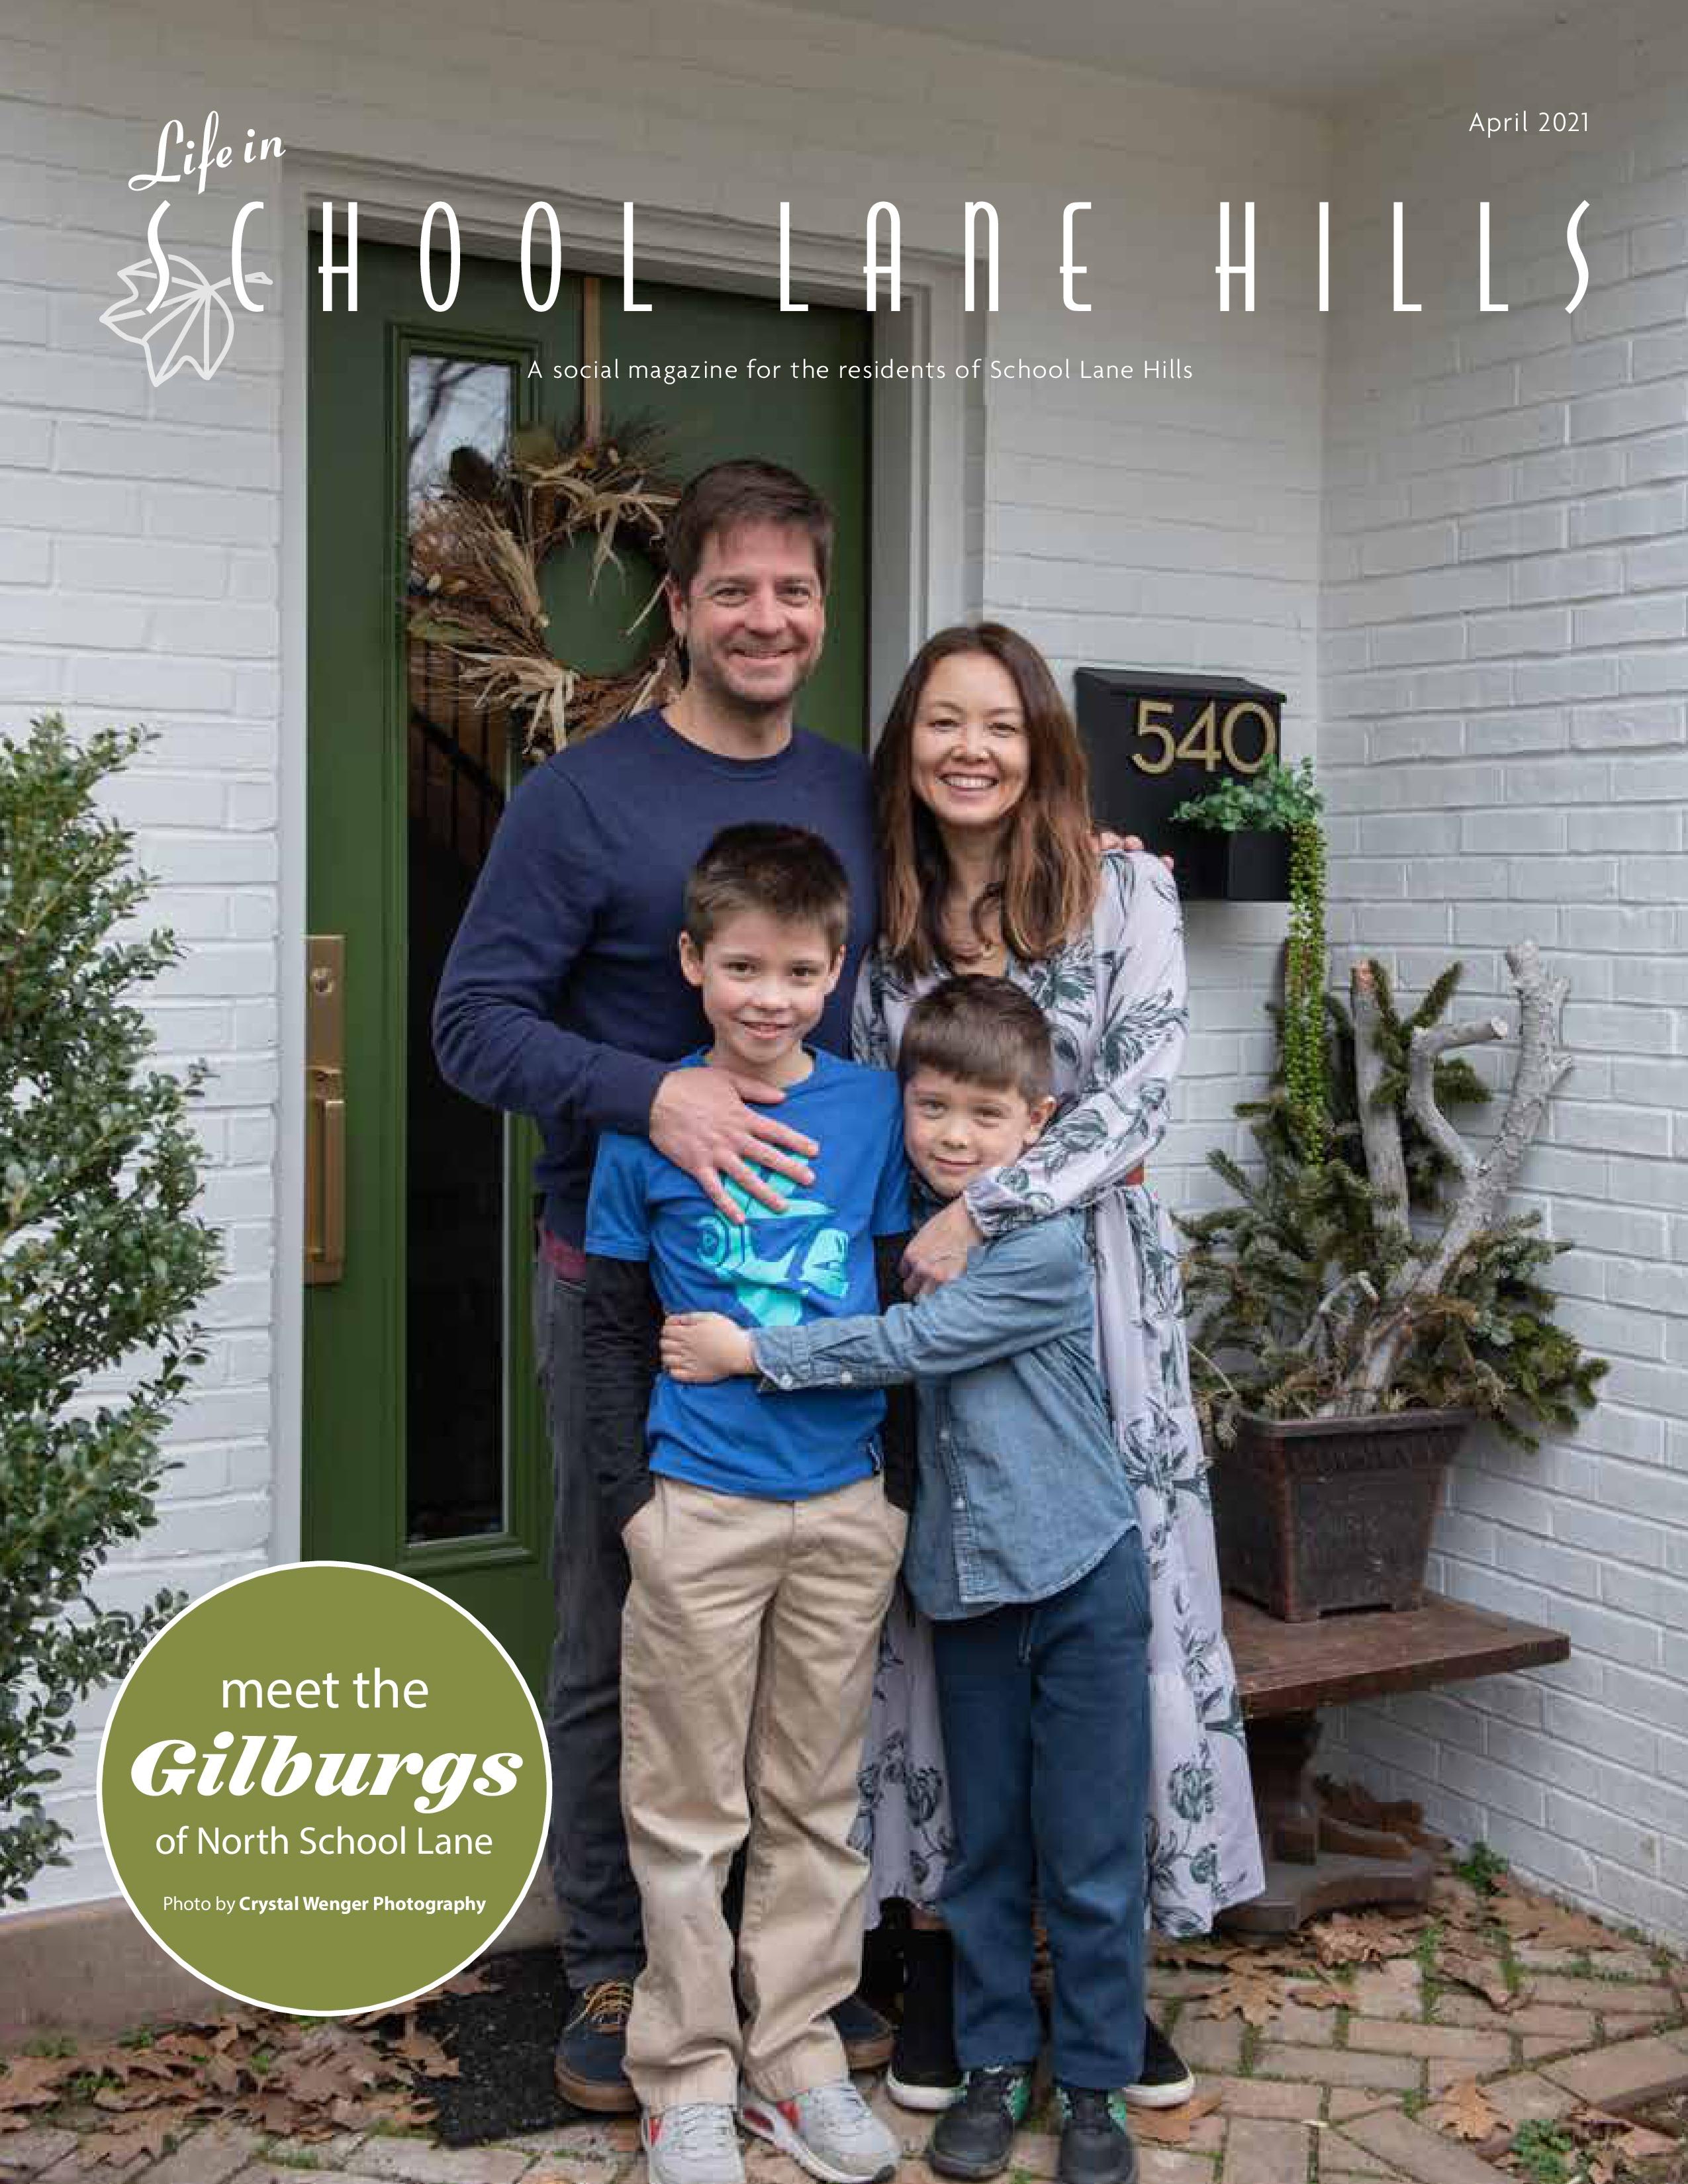 Life in School Lane Hills 2021-04-01